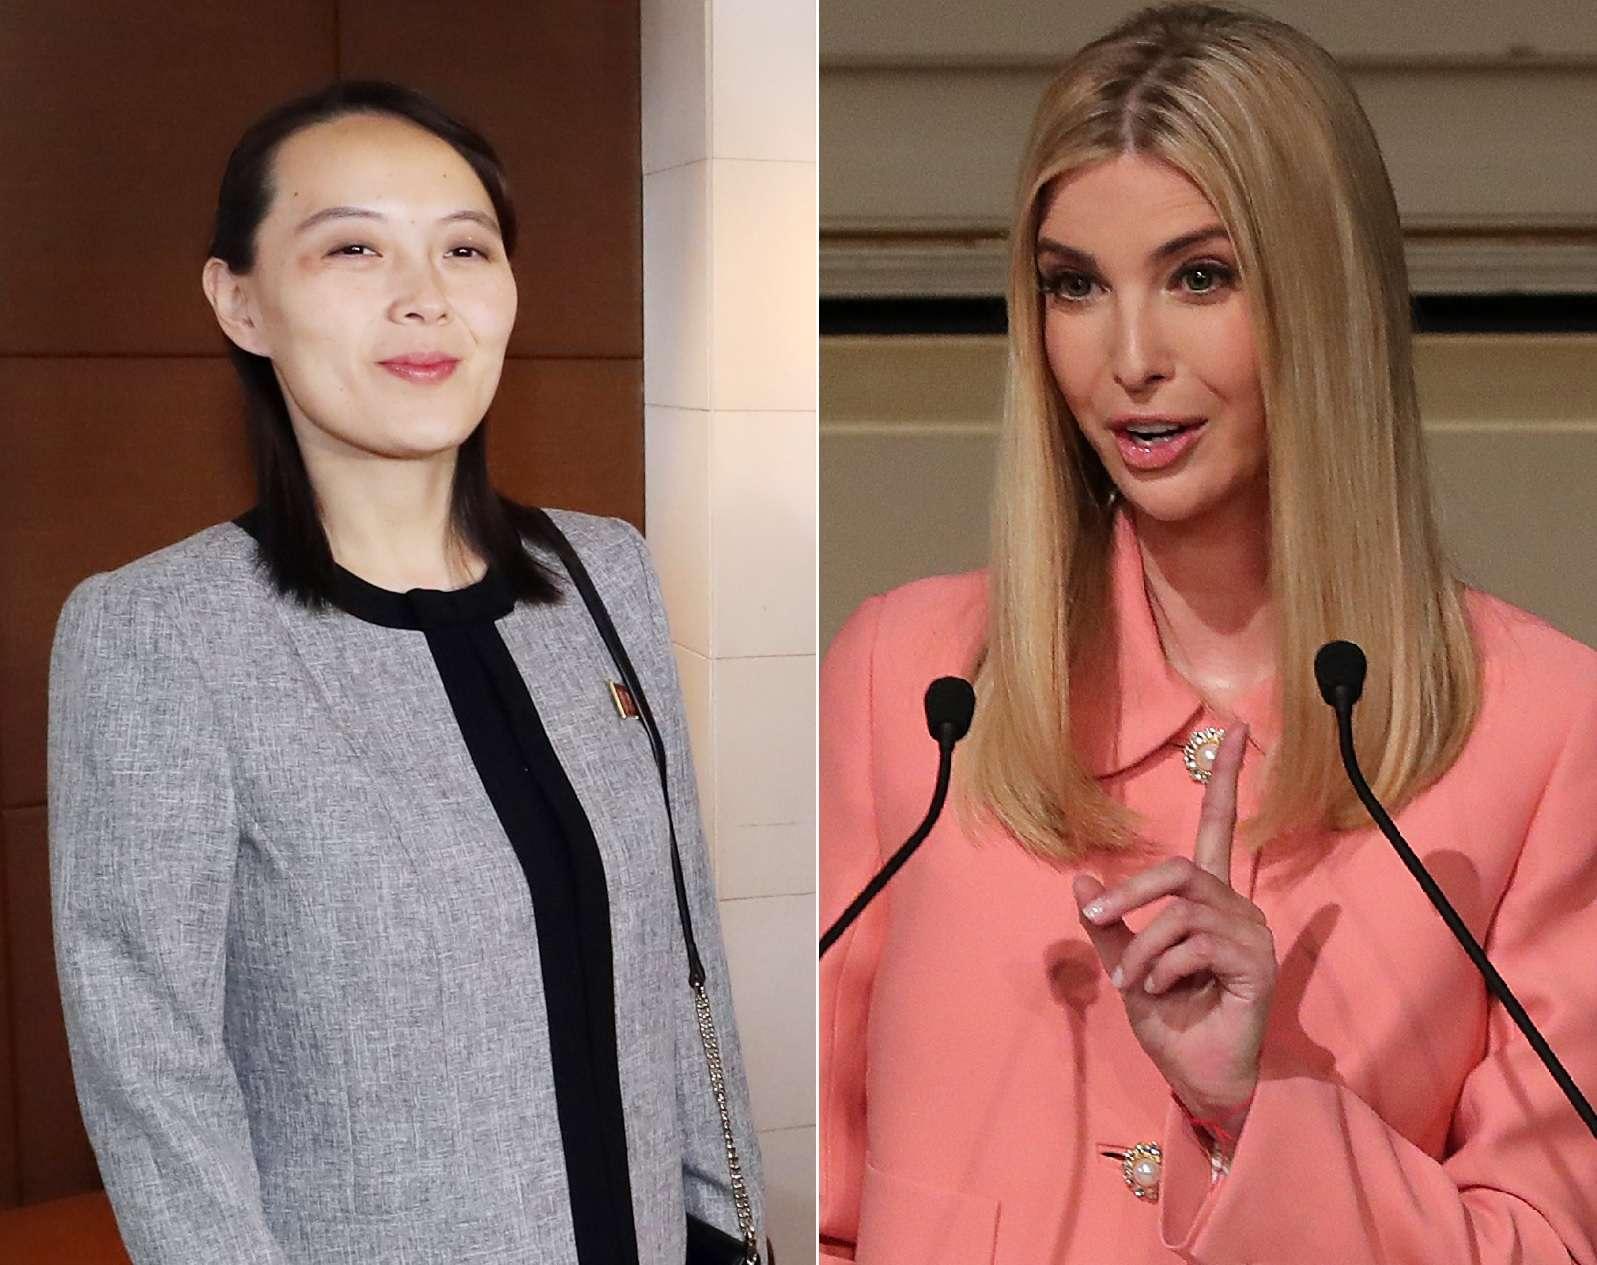 La polémica comparación entre Ivanka Trump y la hermana del líder de Corea del Norte